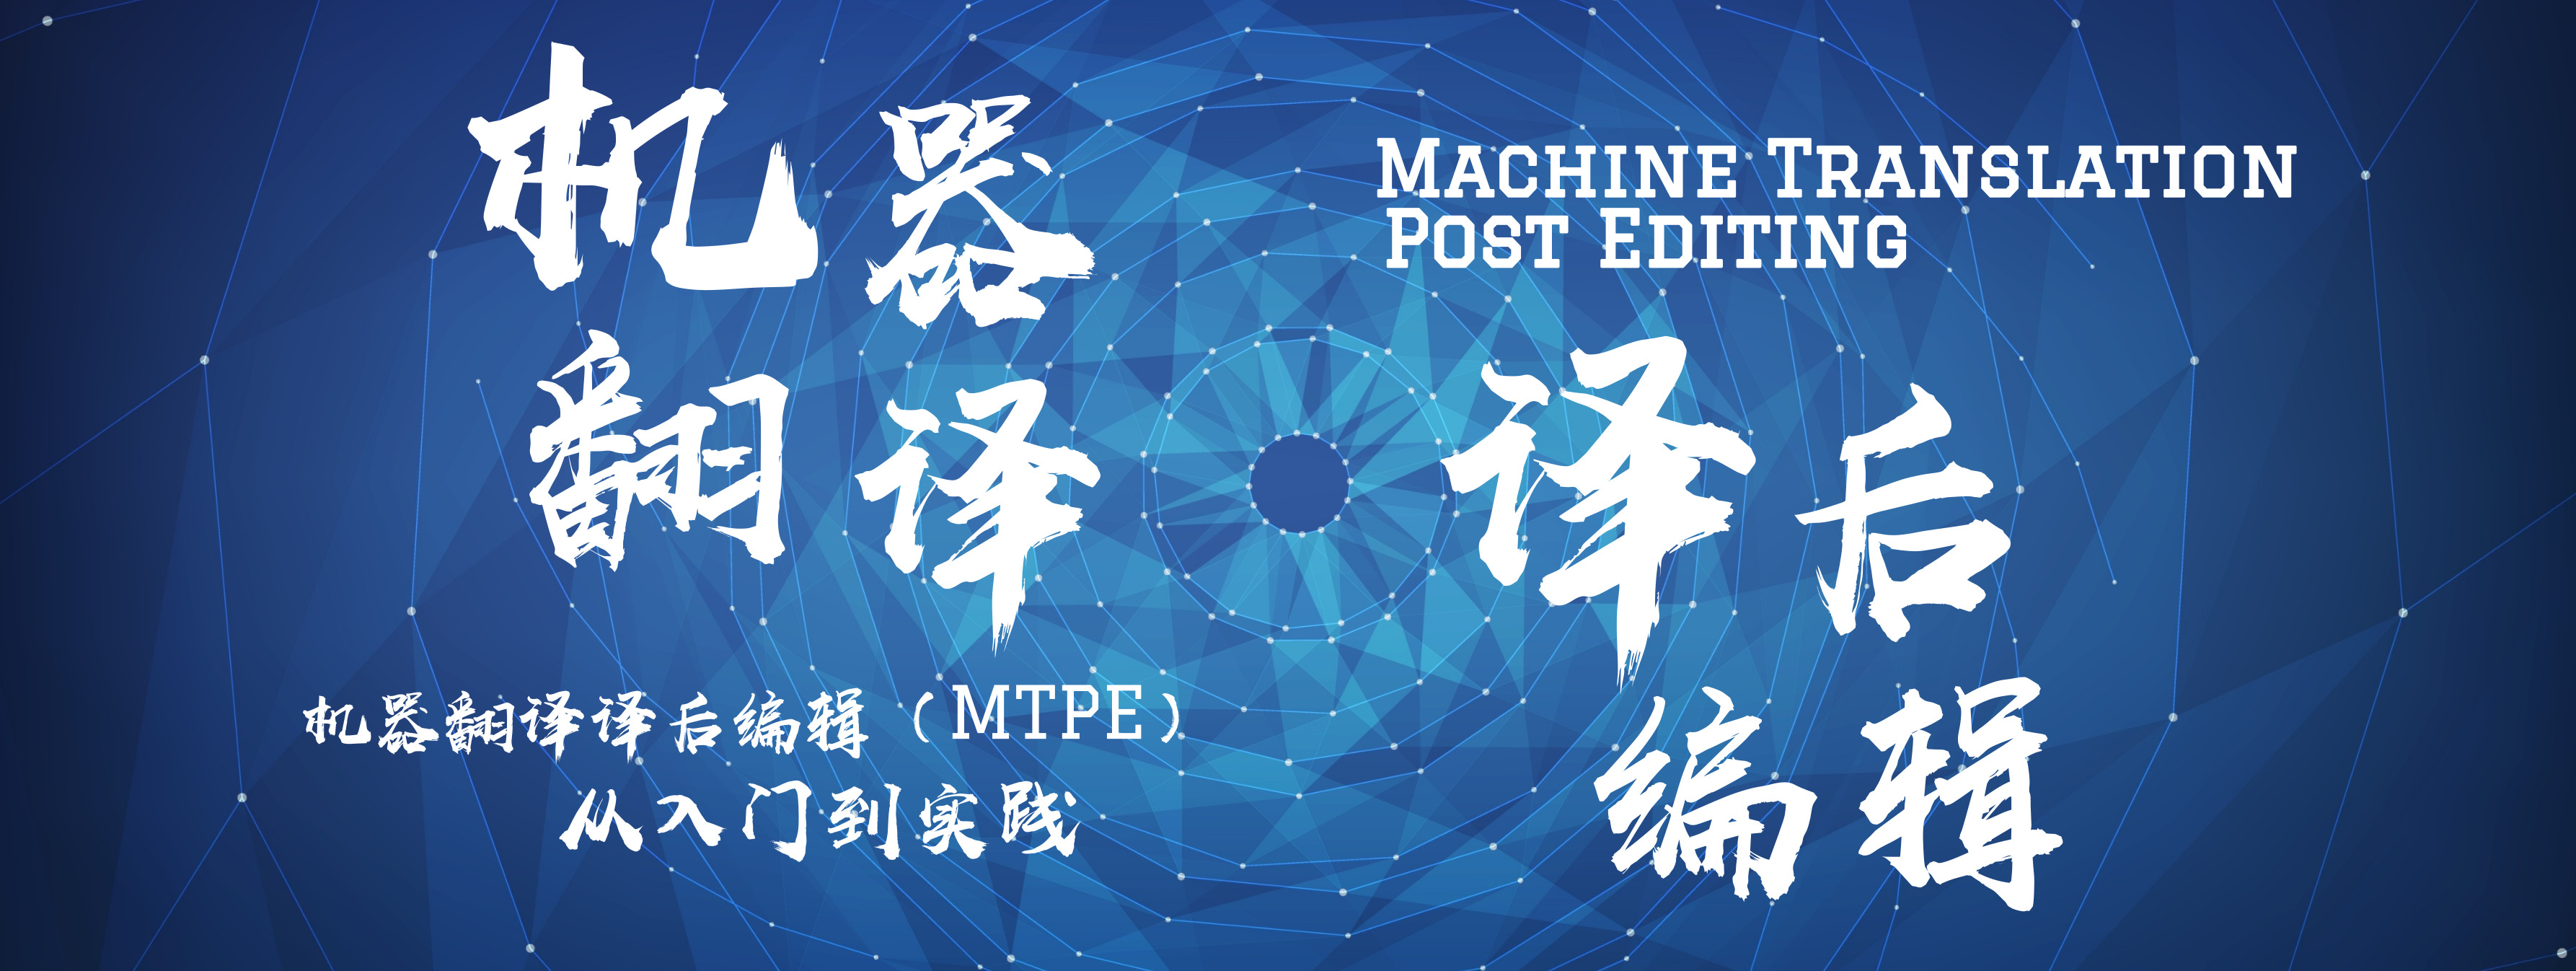 机器翻译译后编辑(MTPE):从入门到实践